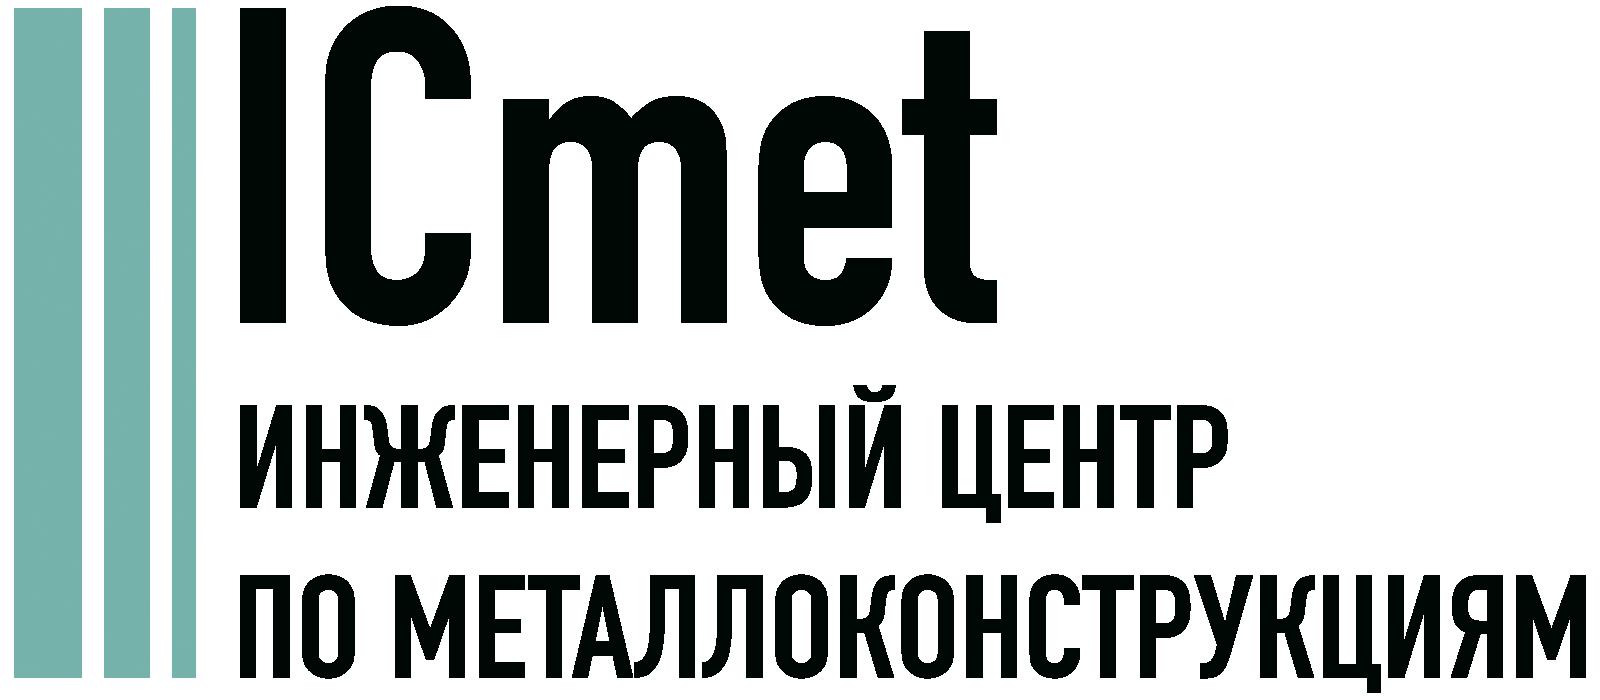 Проектирование металлоконструкций в Симферополе